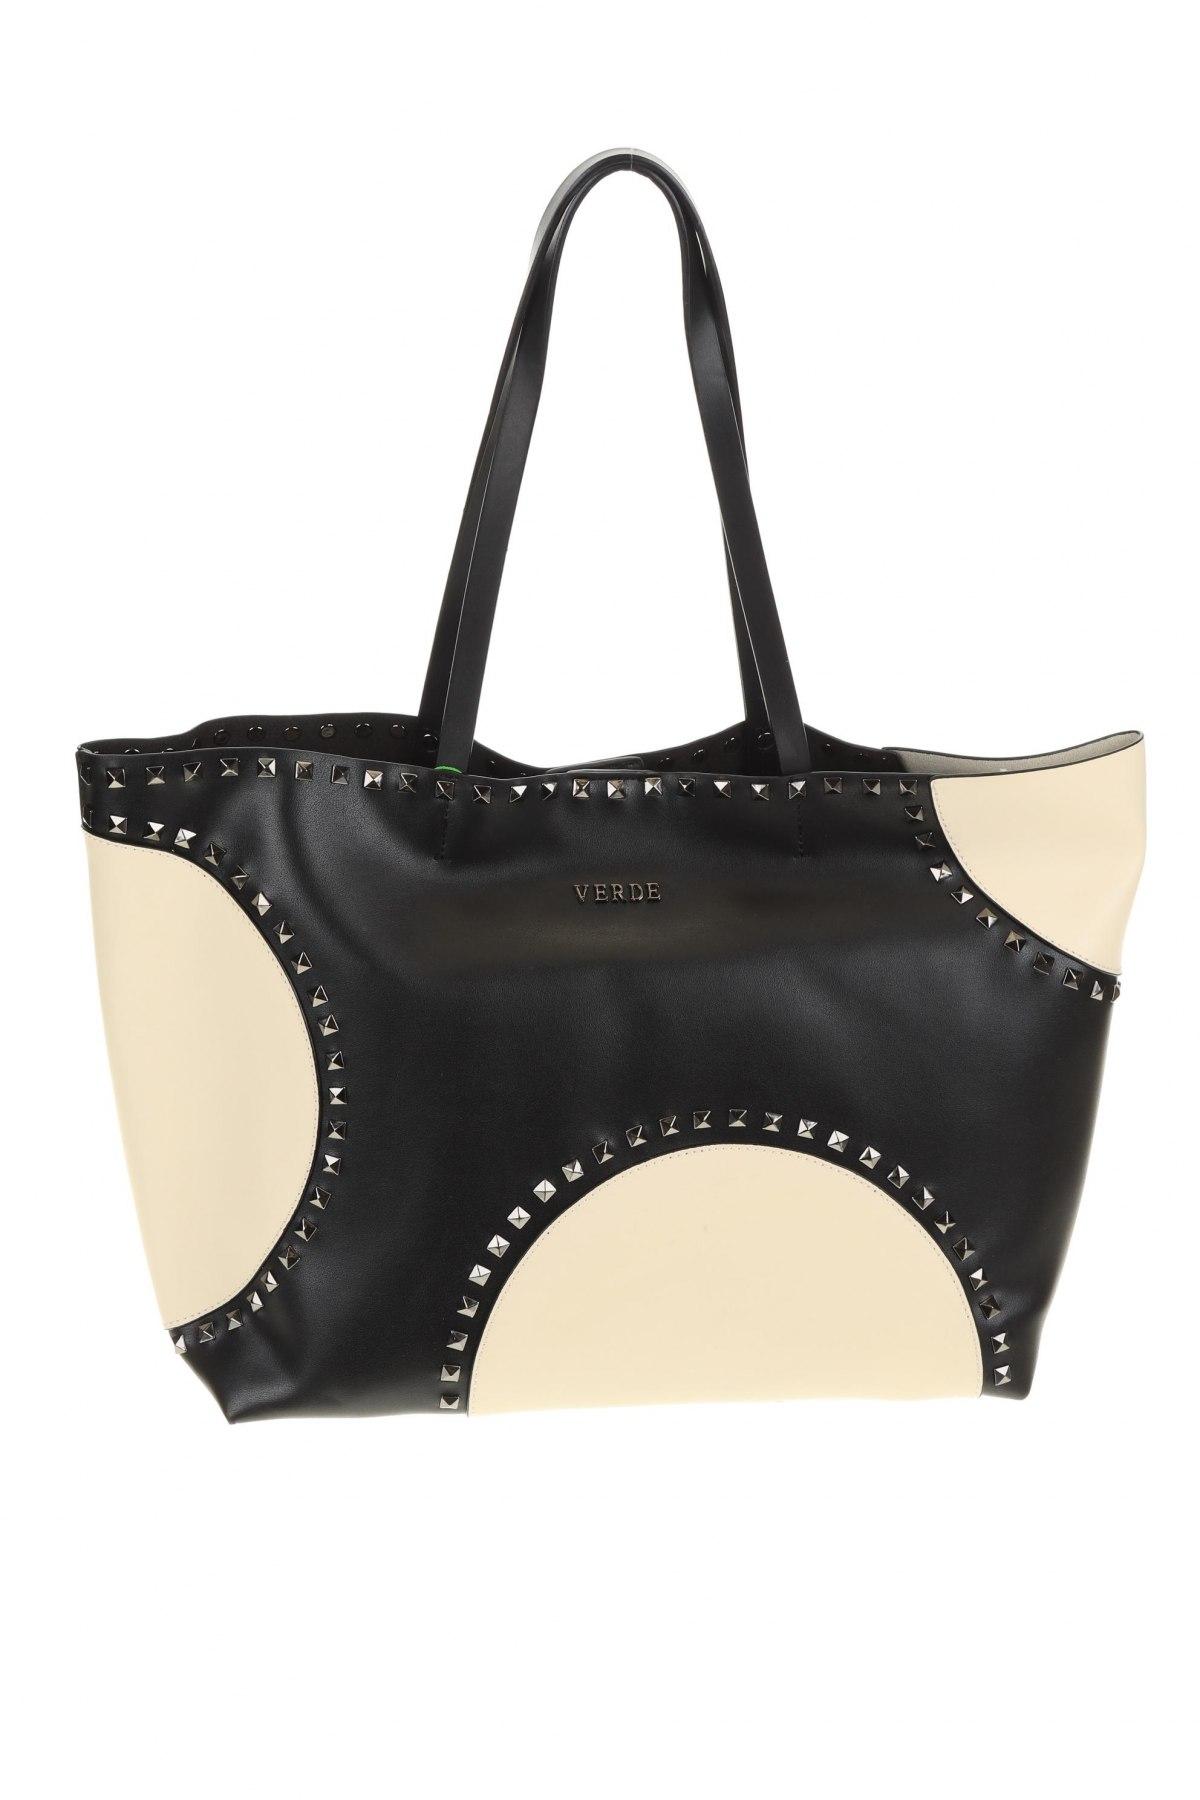 Дамска чанта Verde, Цвят Черен, Еко кожа, Цена 32,93лв.